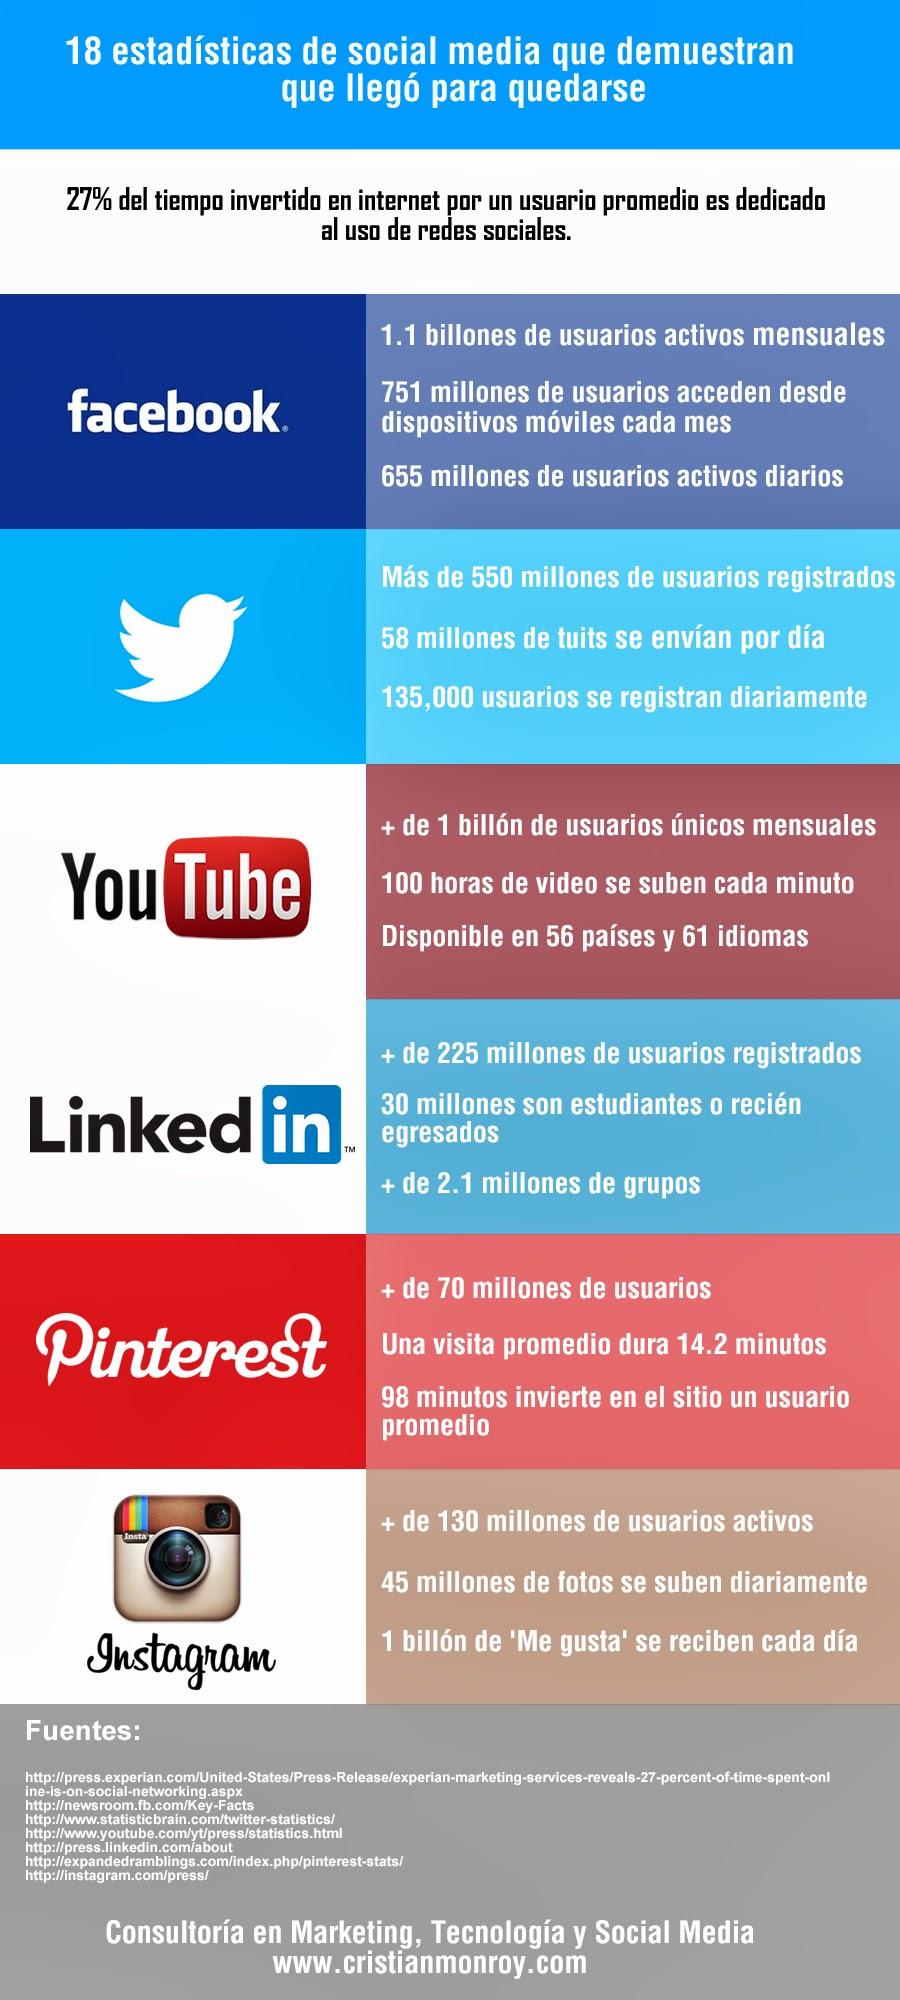 18 estadísticas de social media